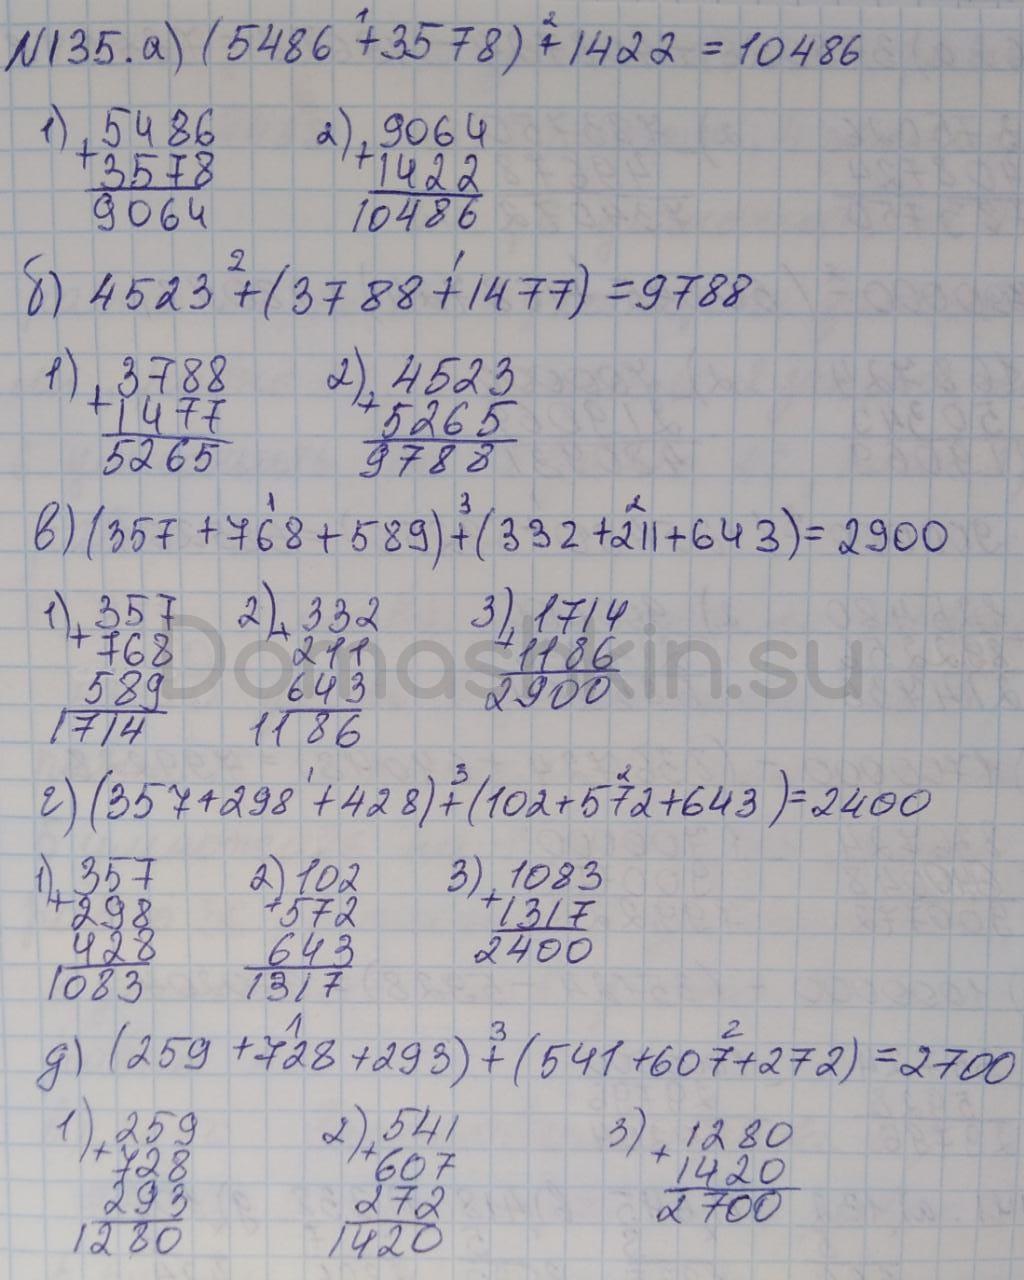 Математика 5 класс учебник Никольский номер 135 решение